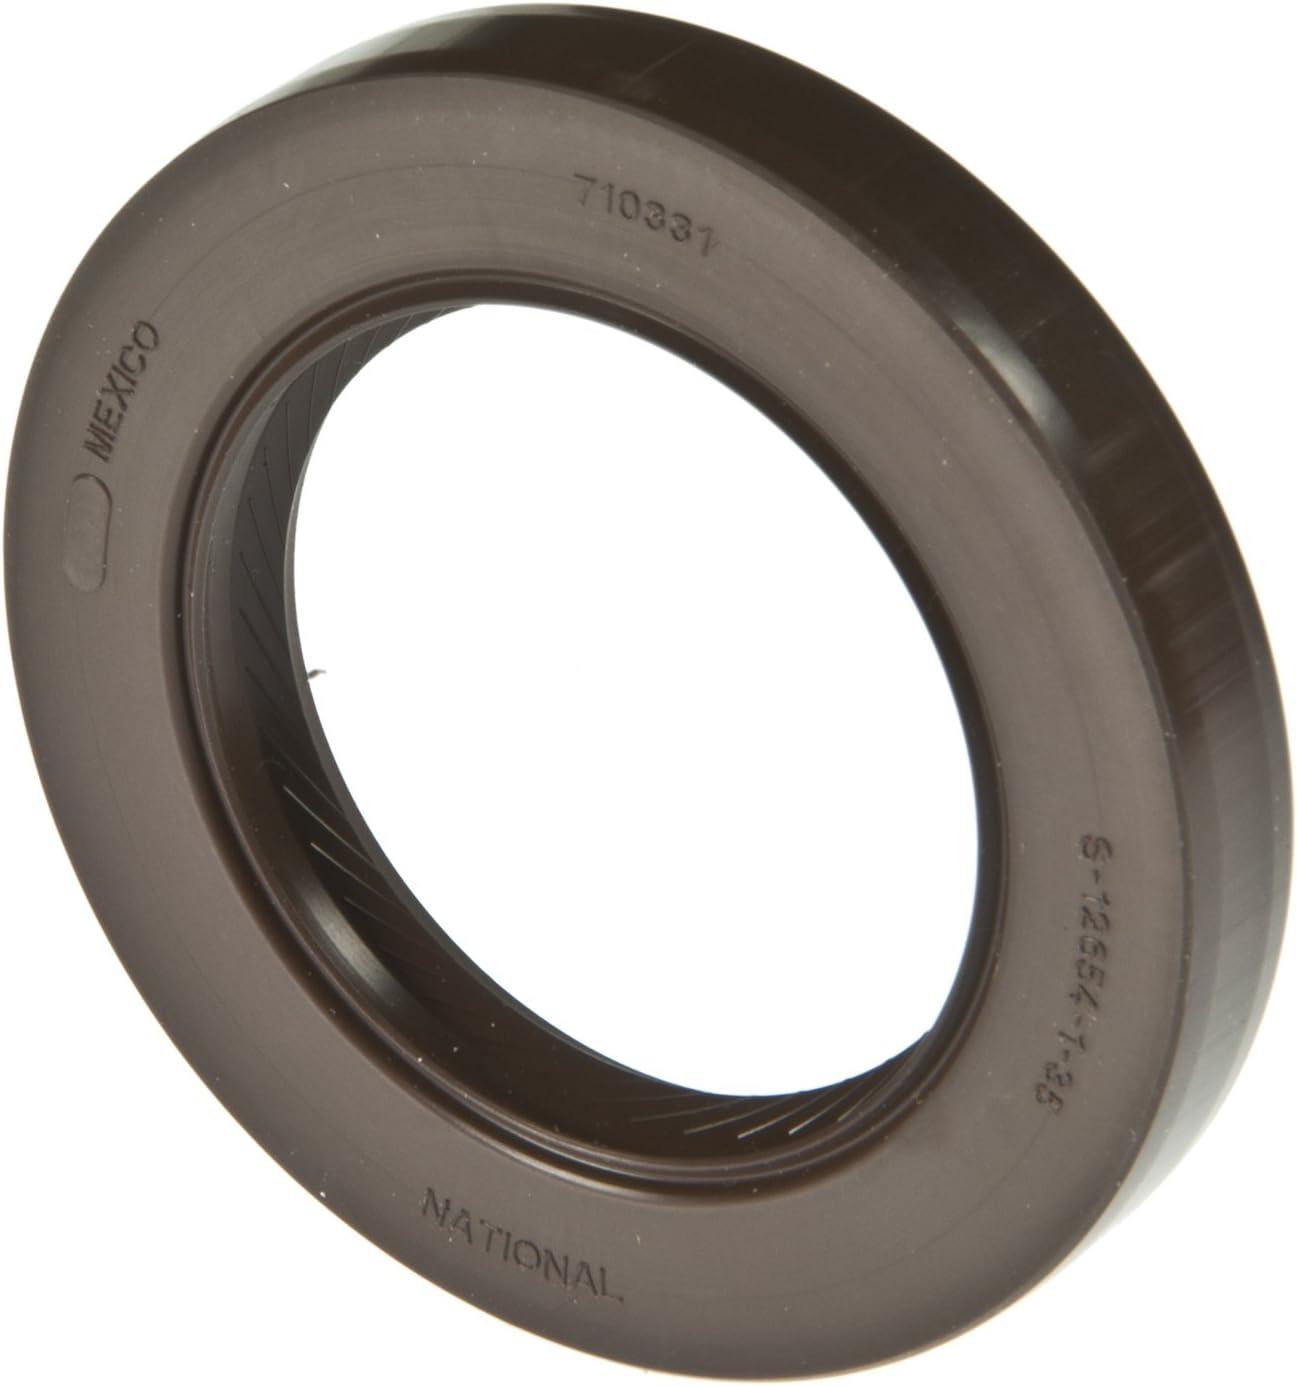 National 710331 Oil Seal Replacement Parts Automotive lparsa.com